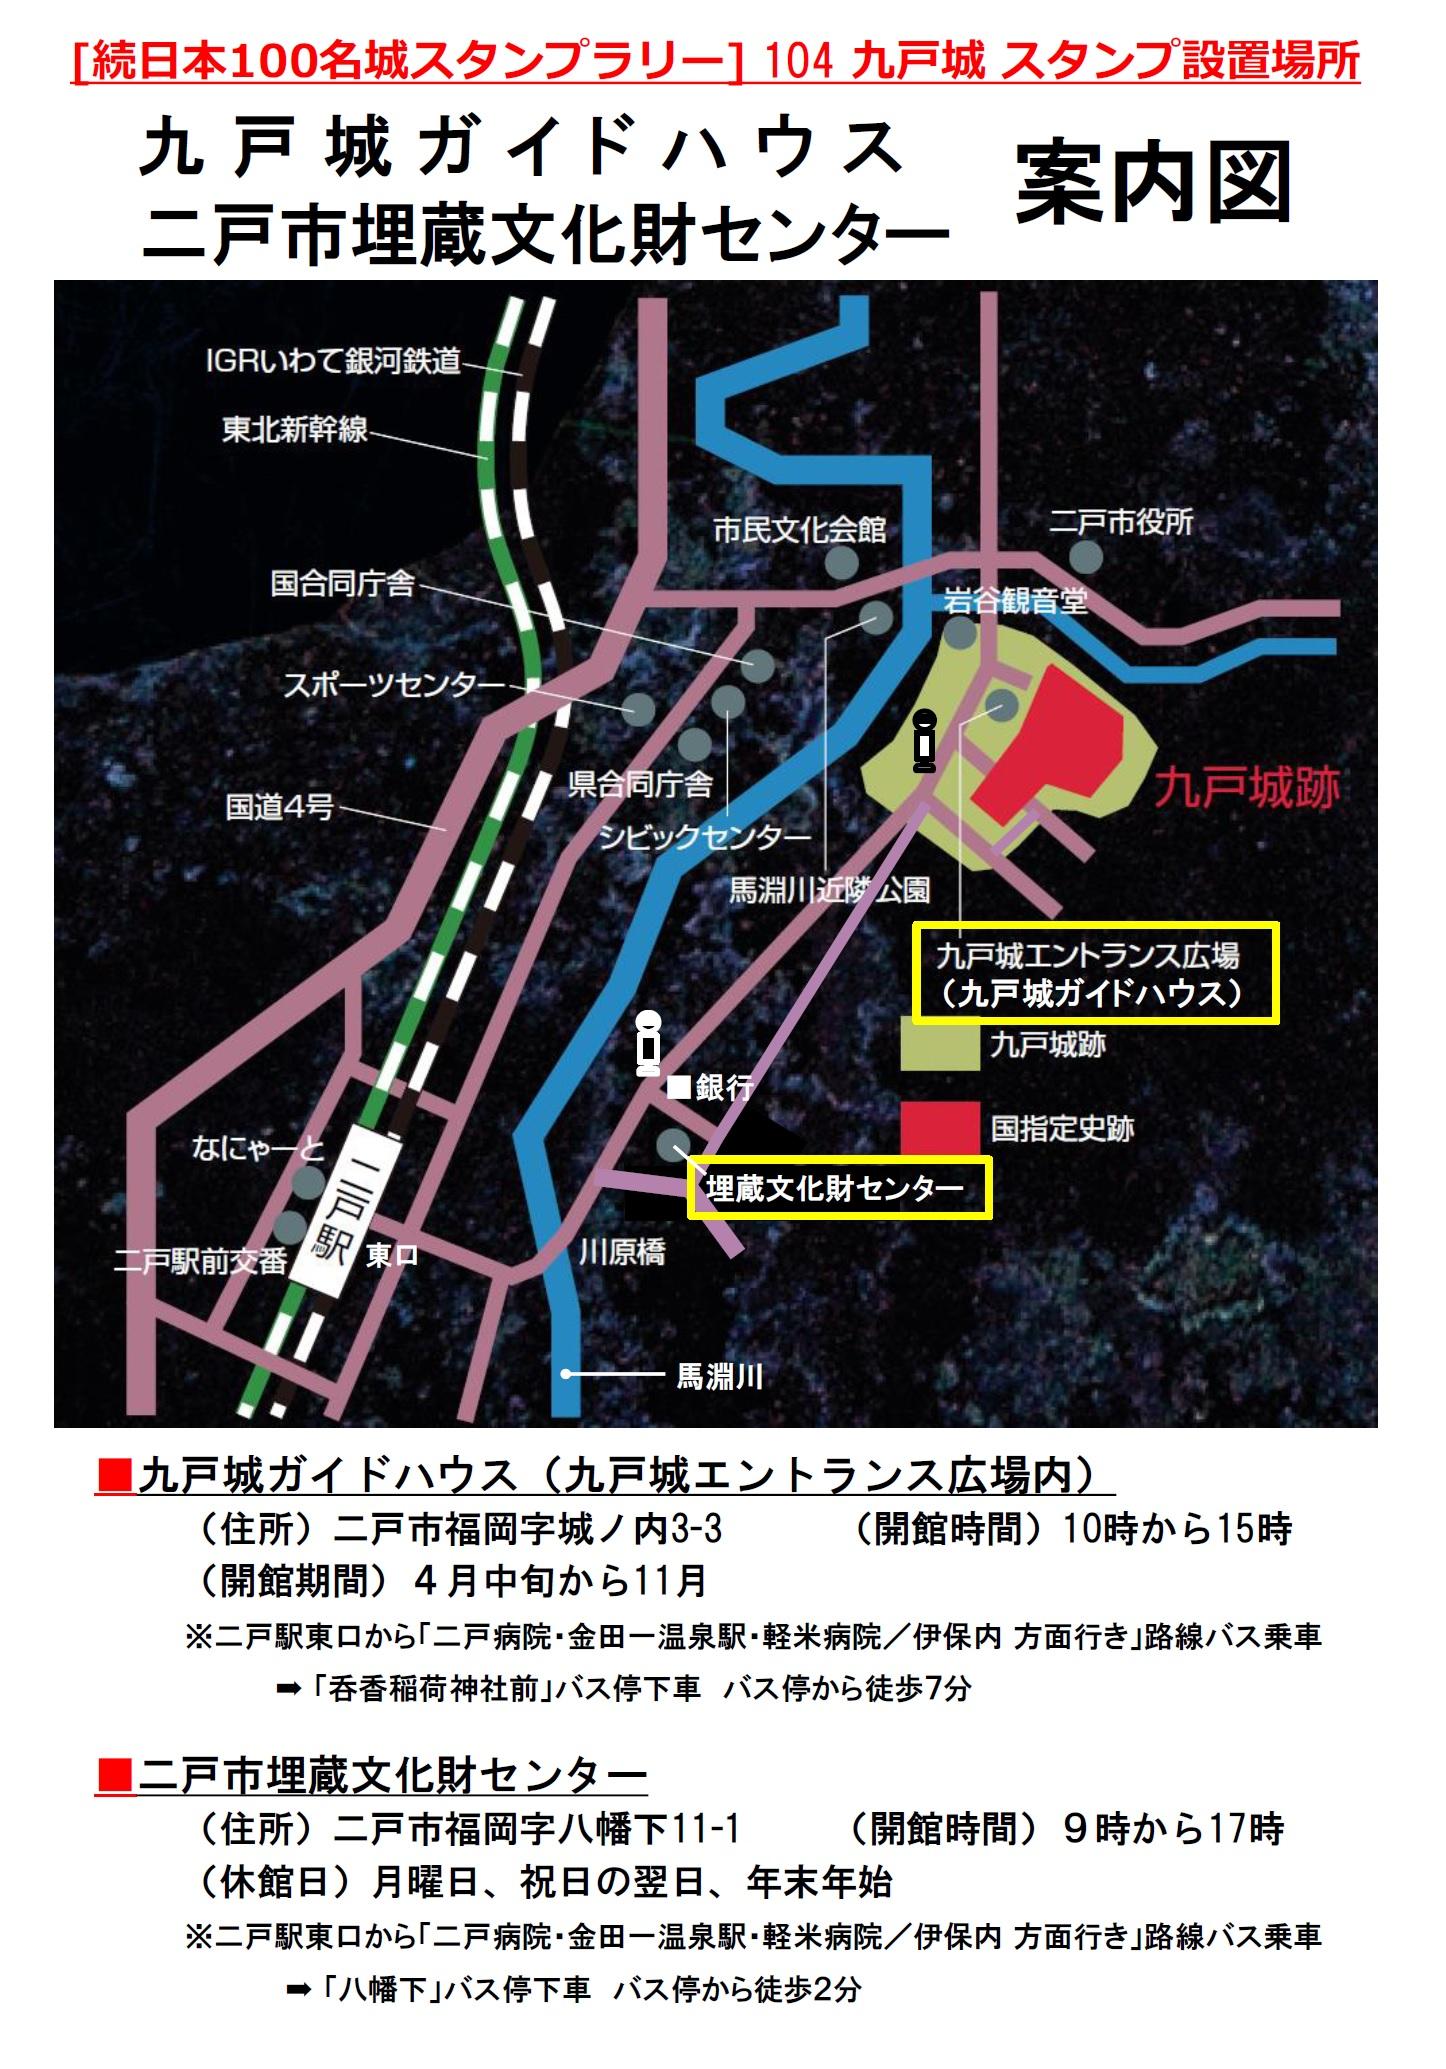 九戸城スタンプ設置場所案内図